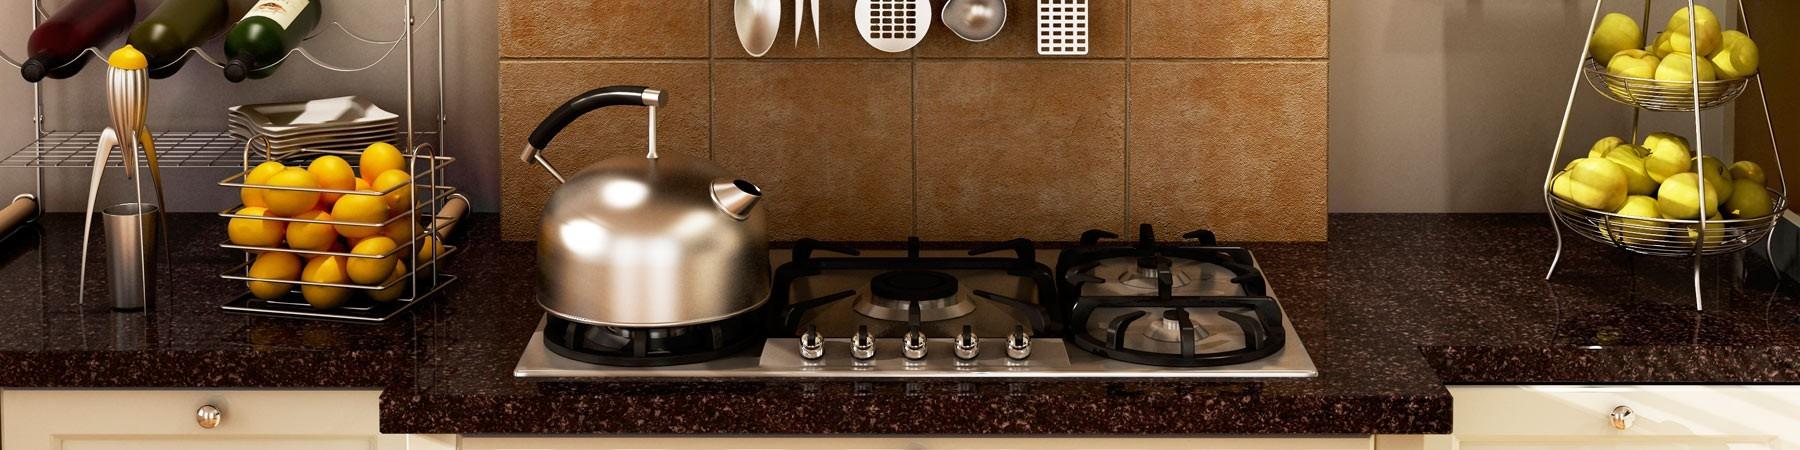 Sen vòi, chậu rửa dùng cho phòng bếp gia đình